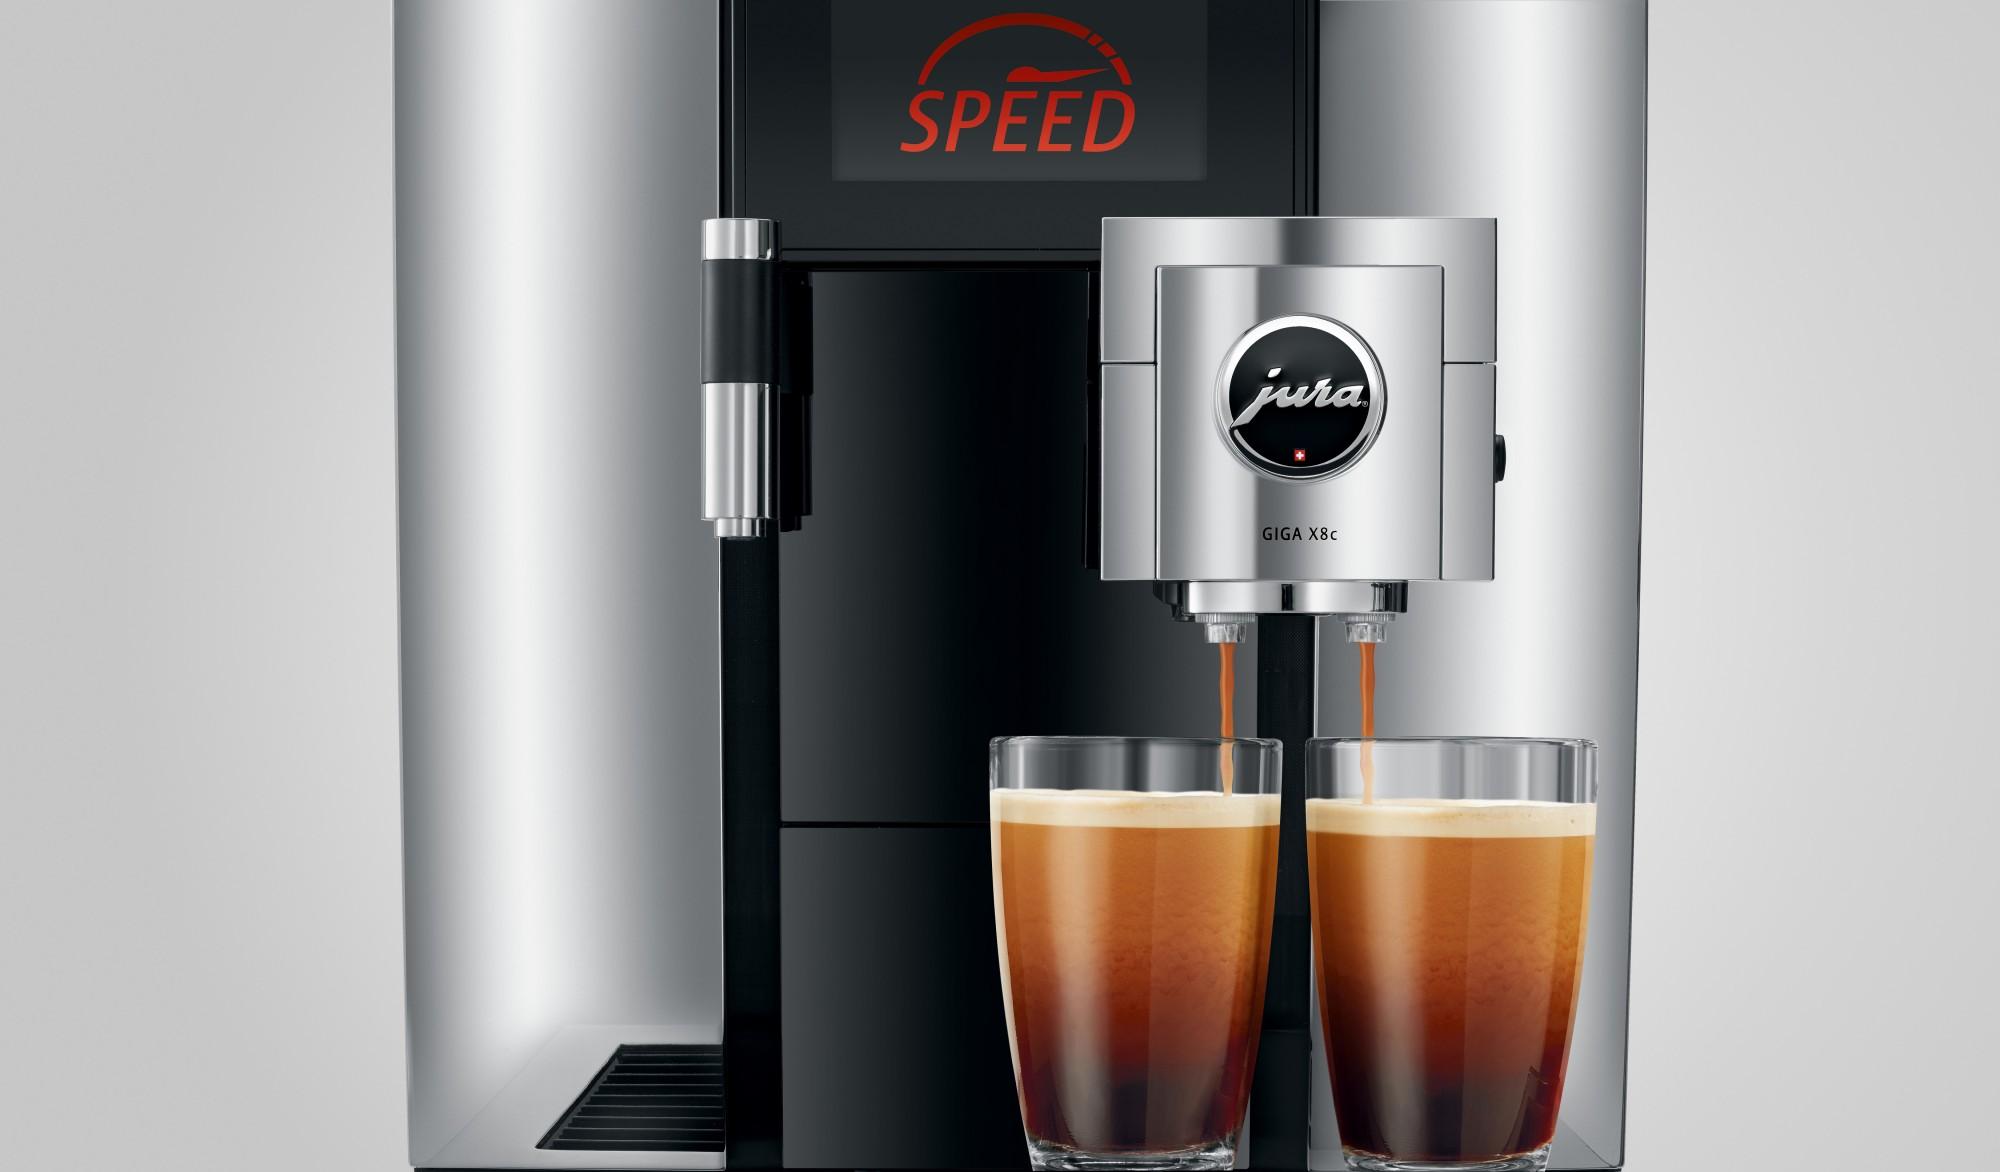 Snel twee kopen koffie zetten met de speedfunctie op de Jura GIGA X8c chroom